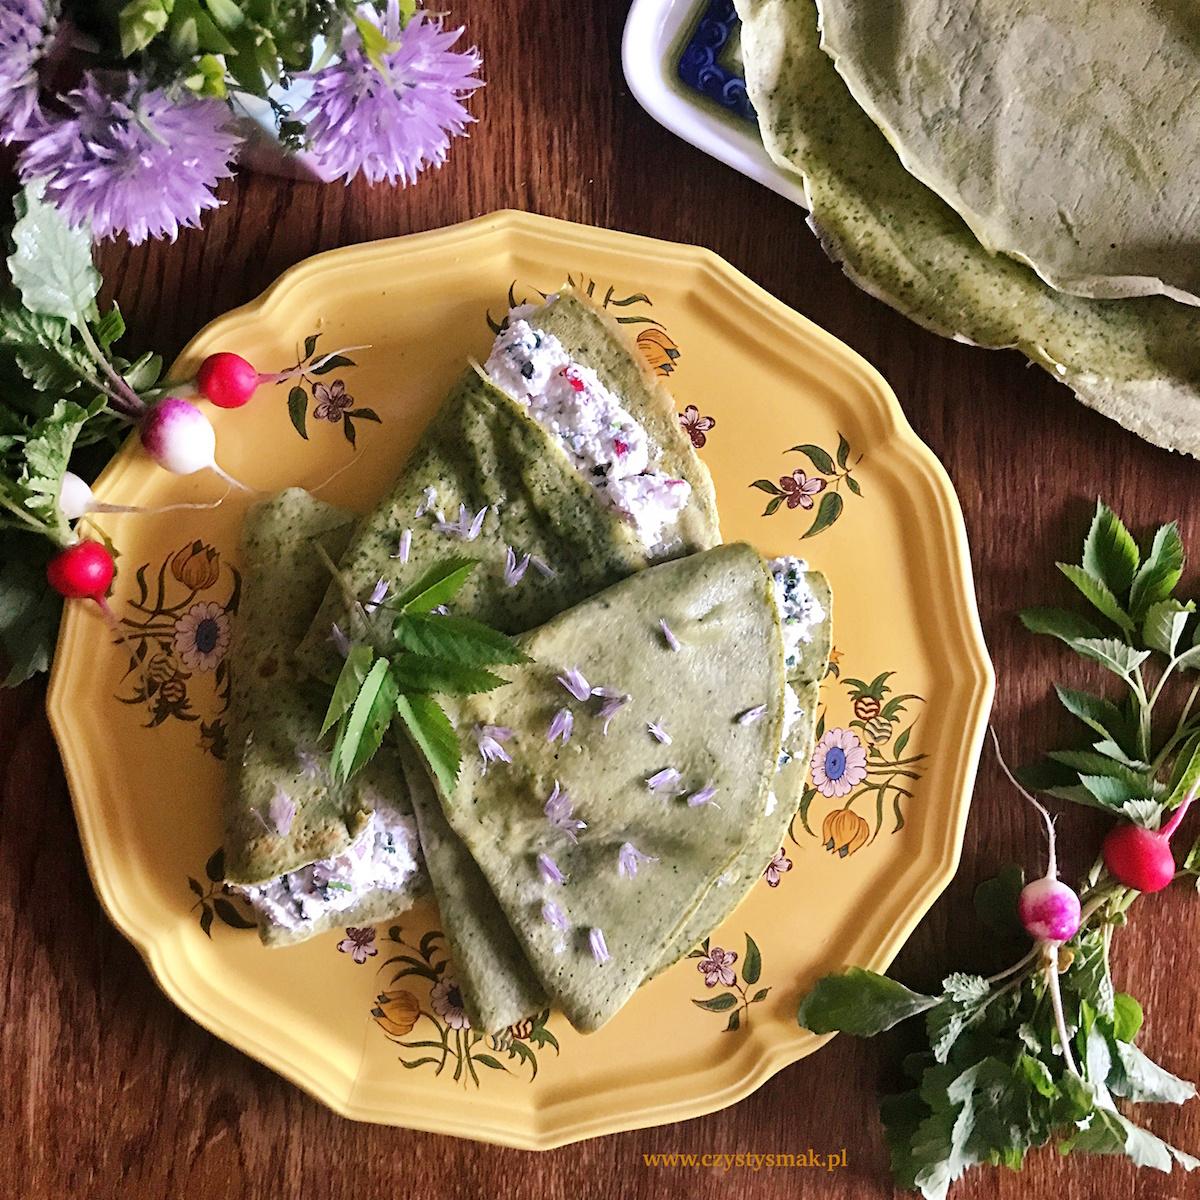 Naleśniki z podagrycznikiem i czosnkowym twarożkiem z kwiatami szczypiorku